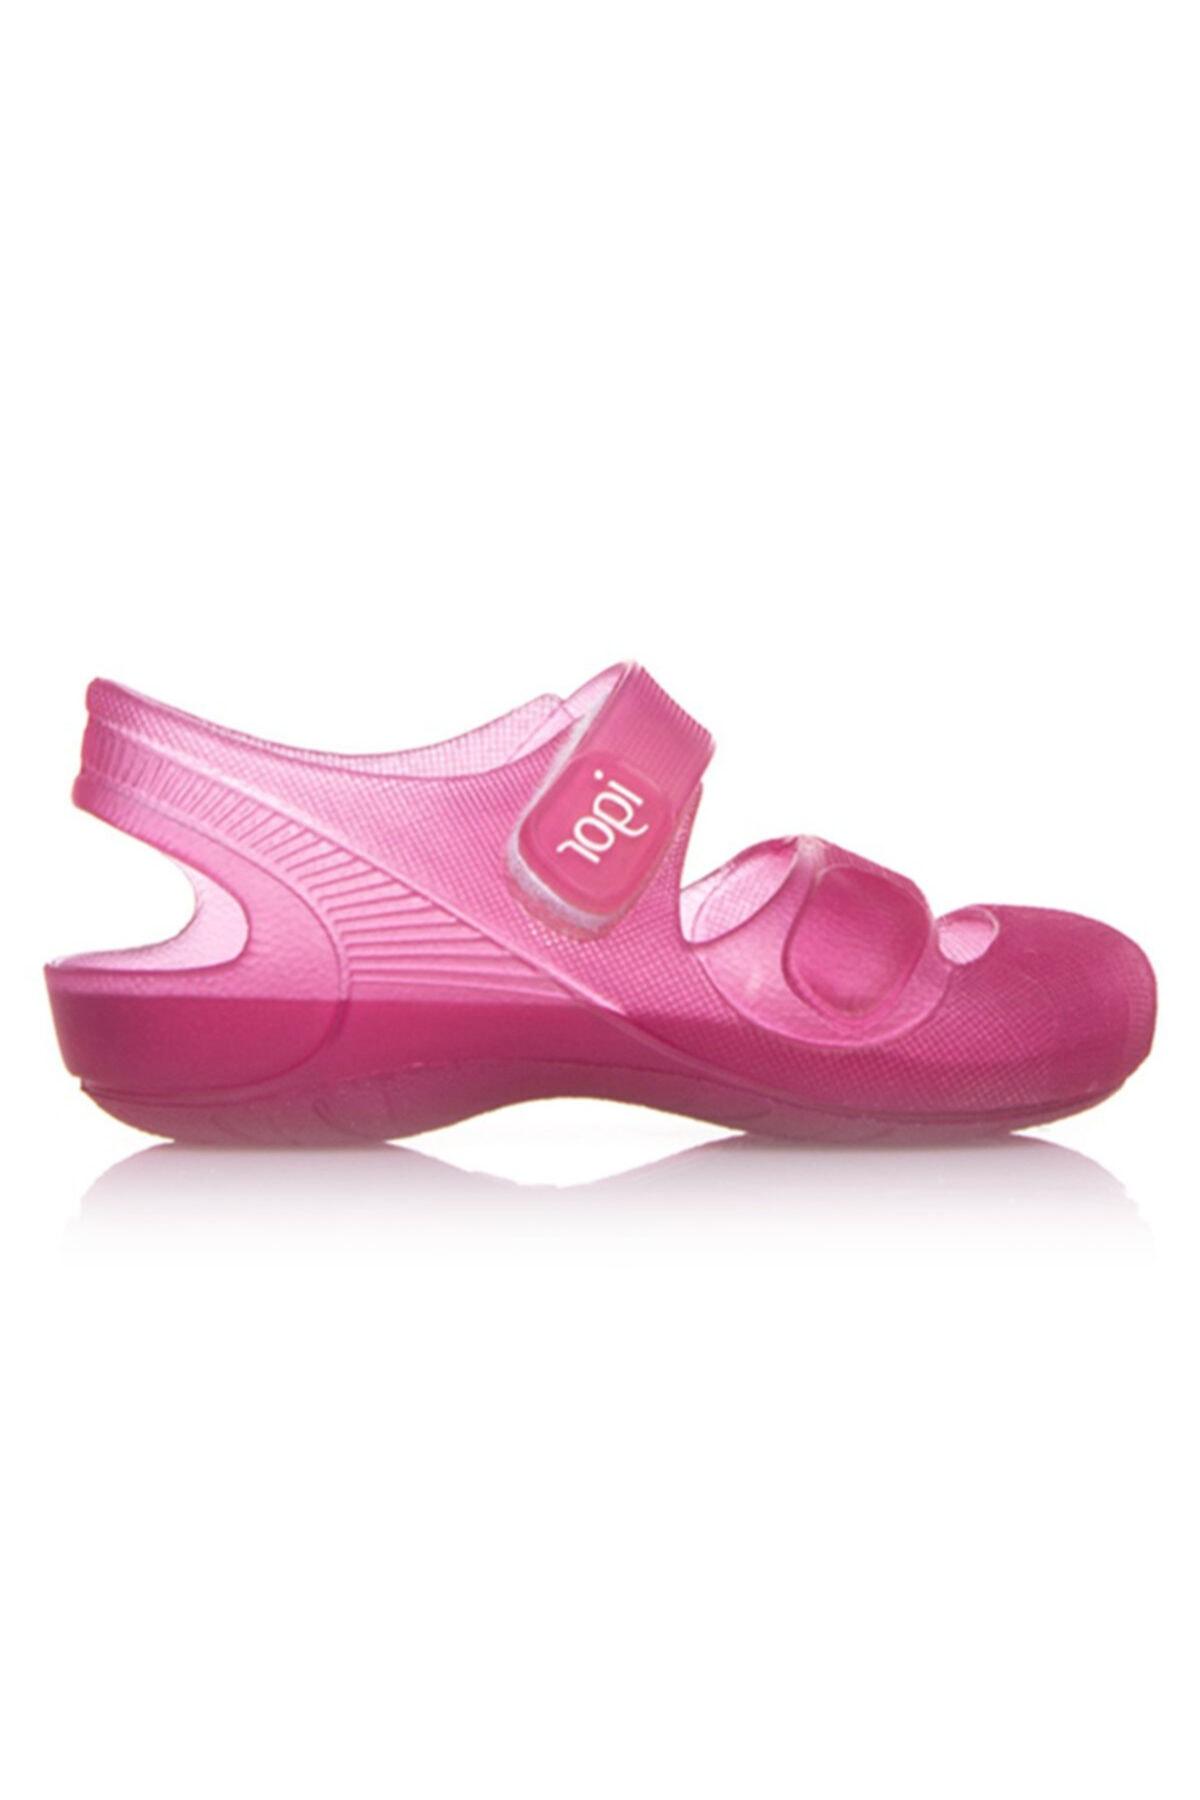 IGOR S10110-E67 Fuşya Kız Çocuk Sandalet 100293758 1